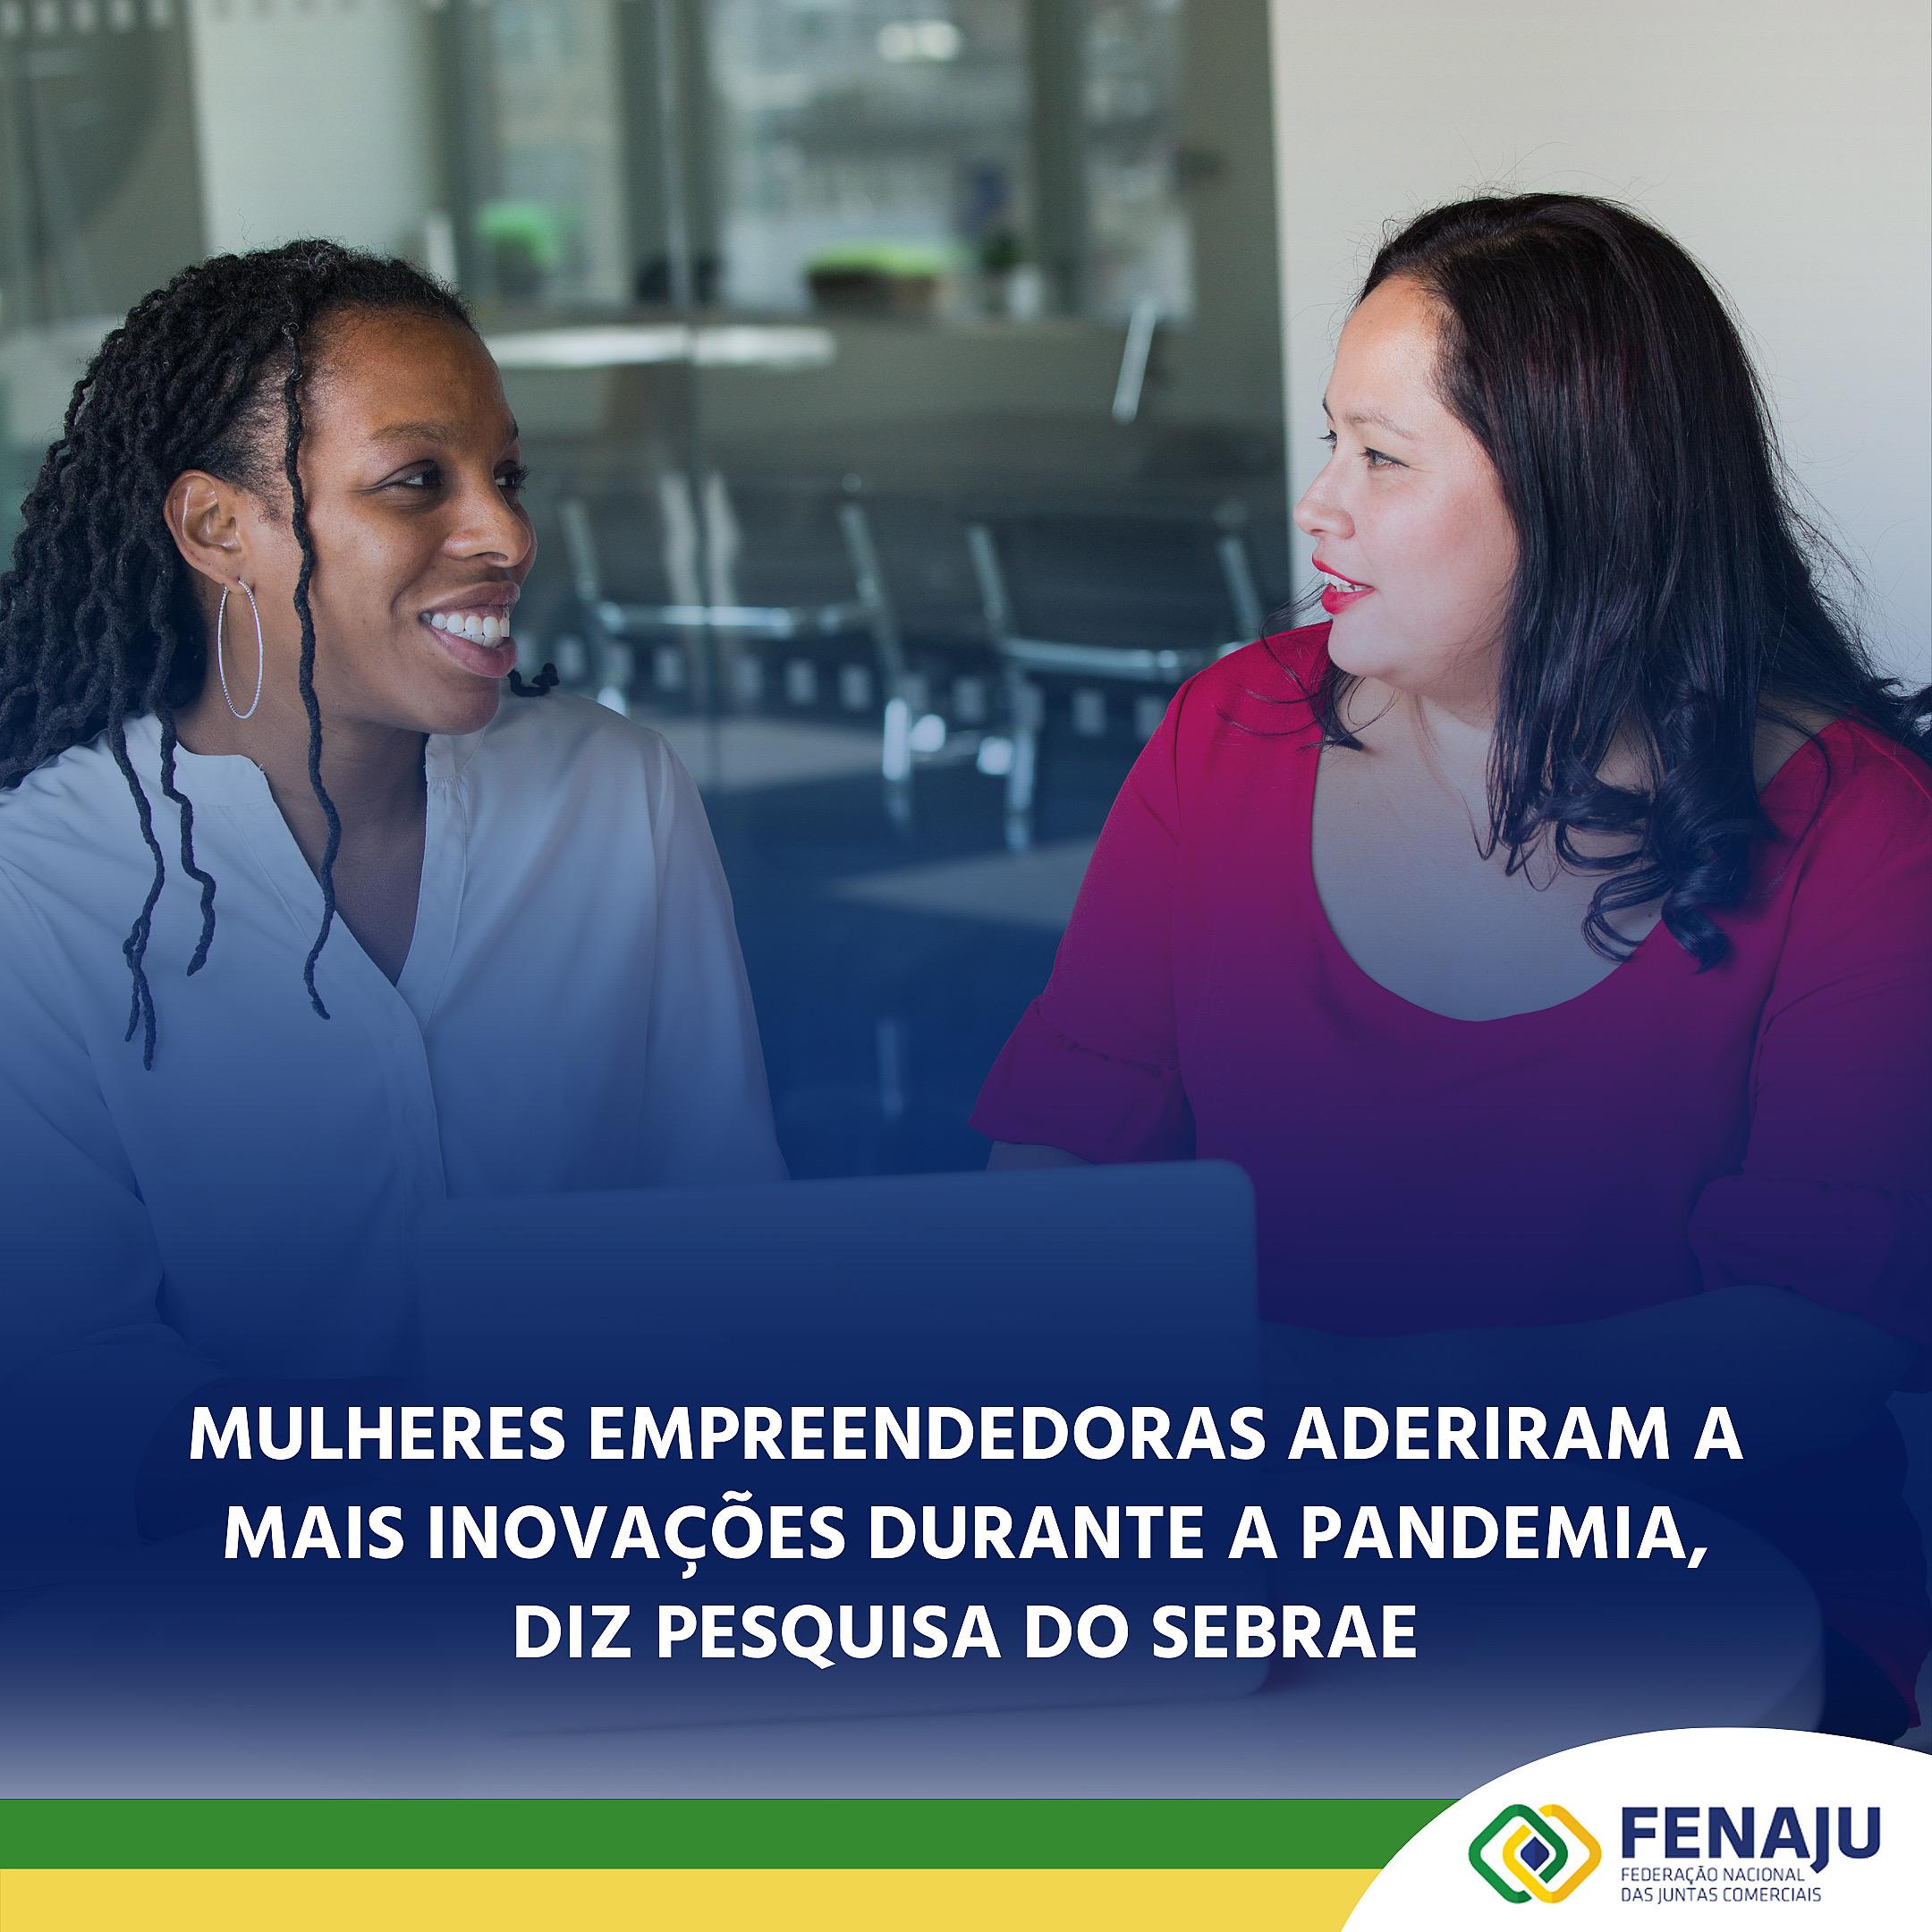 Mulheres empreendedoras aderiram a mais inovações durante a pandemia, diz pesquisa do Sebrae